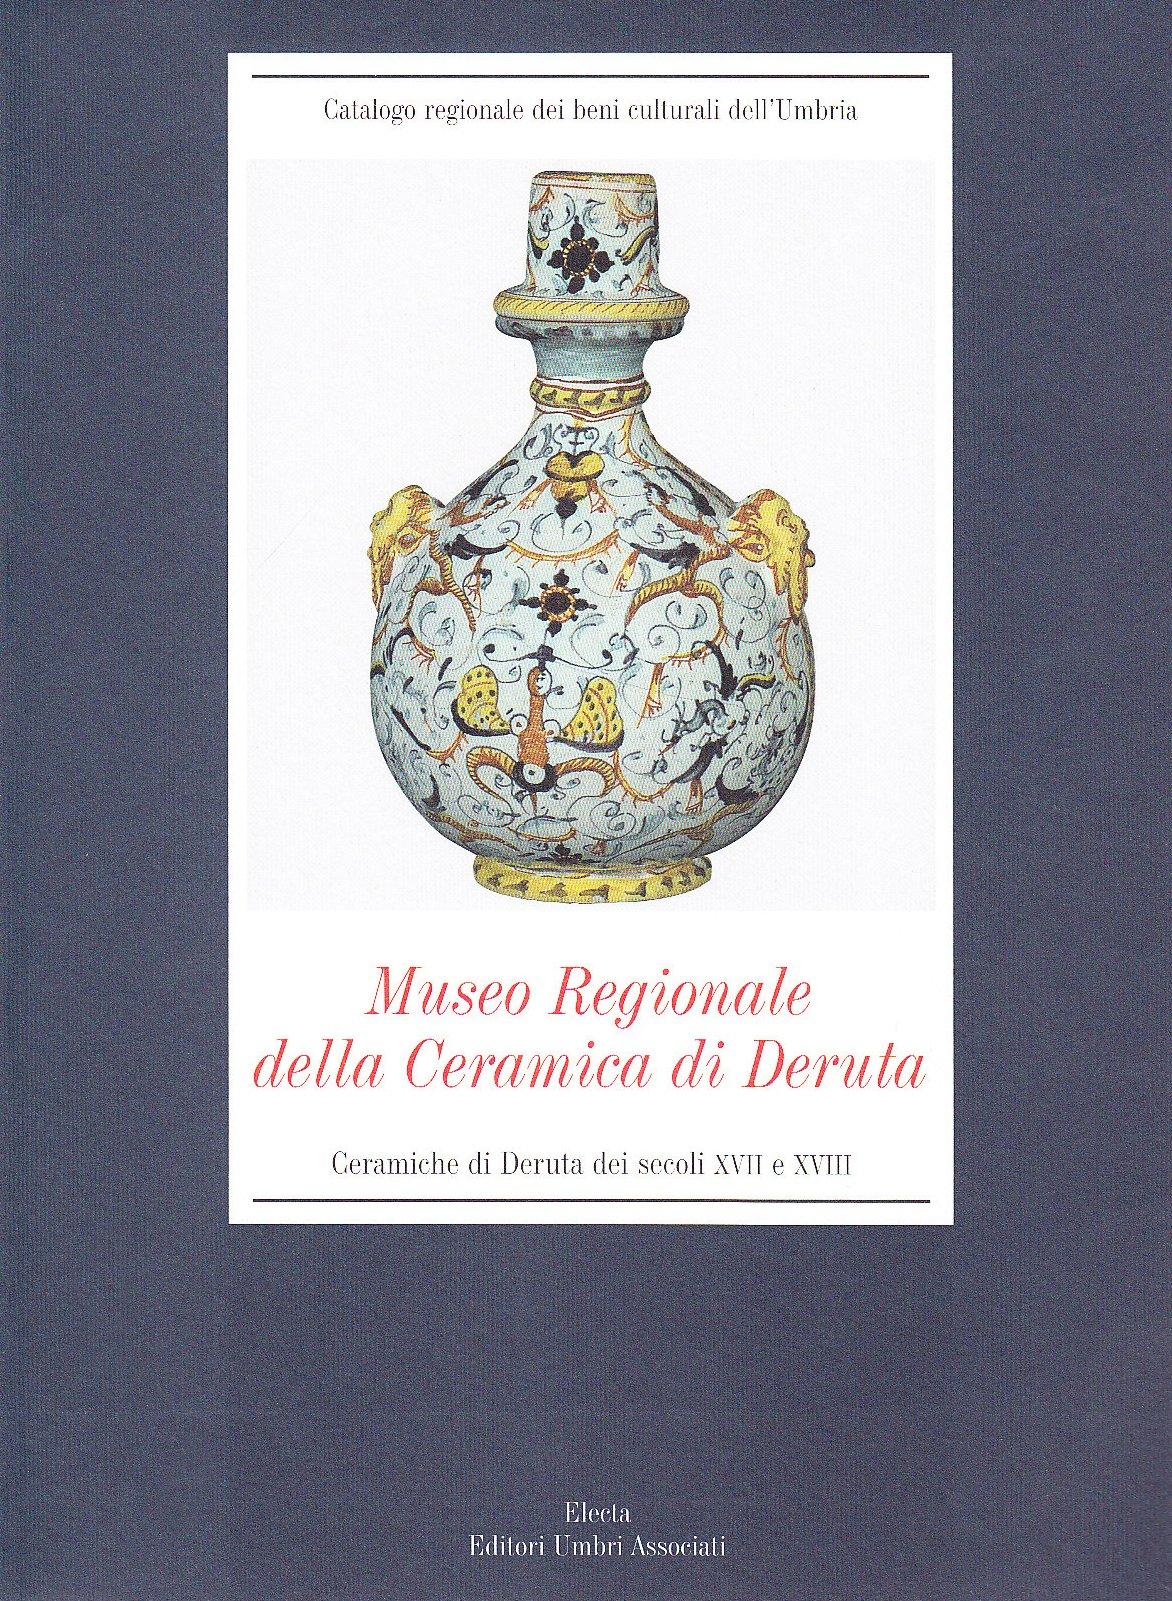 Museo Della Ceramica Di Deruta.Museo Regionale Della Ceramica Di Deruta Ceramiche Di